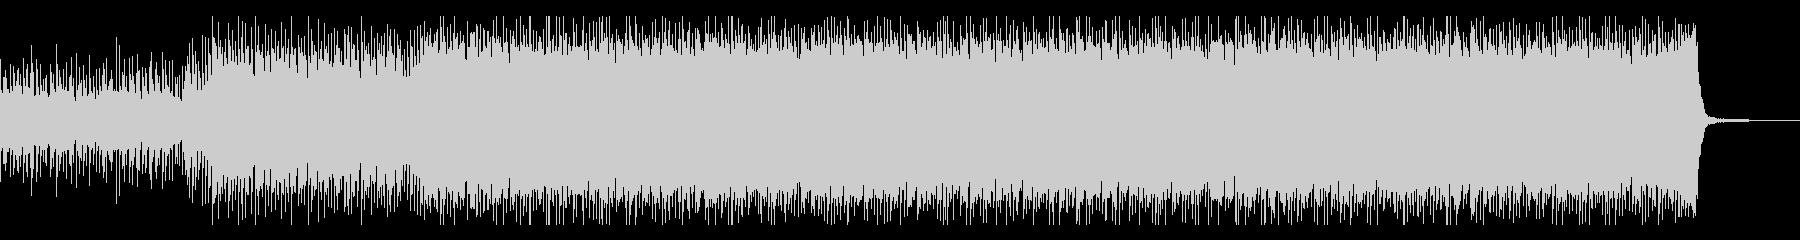 バトルシーン用のドラムンベースの未再生の波形